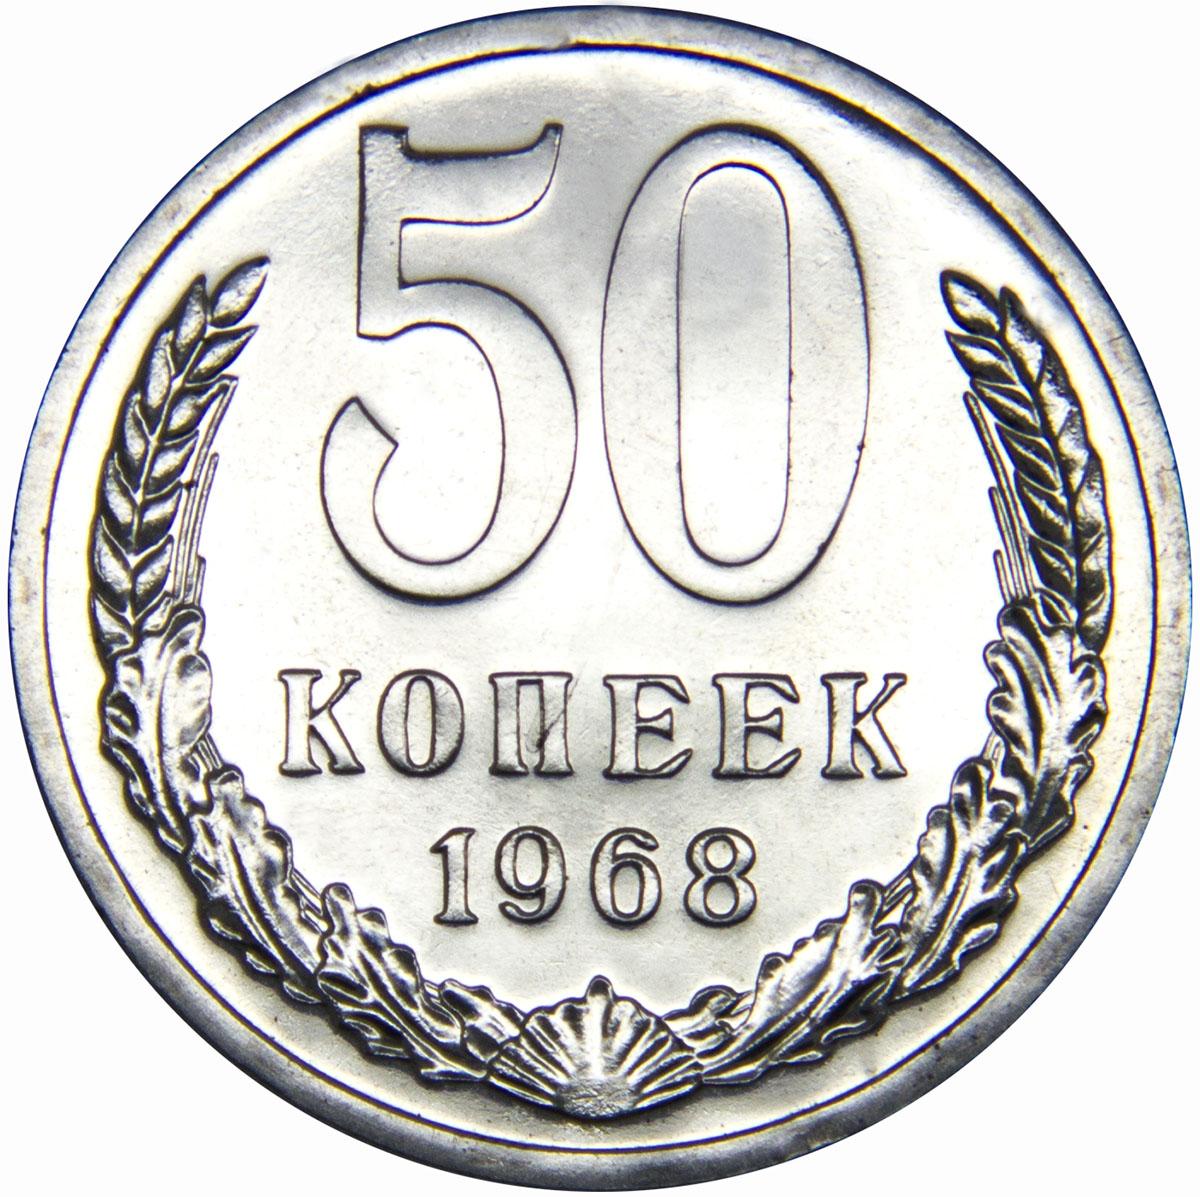 Монета номиналом 50 копеек. Медно-никелевый сплав. Сохранность UNC. СССР, 1968 год739Диаметр монеты: 24 мм Вес: 4,4 г. Материал: медь-никель Гурт: надпись